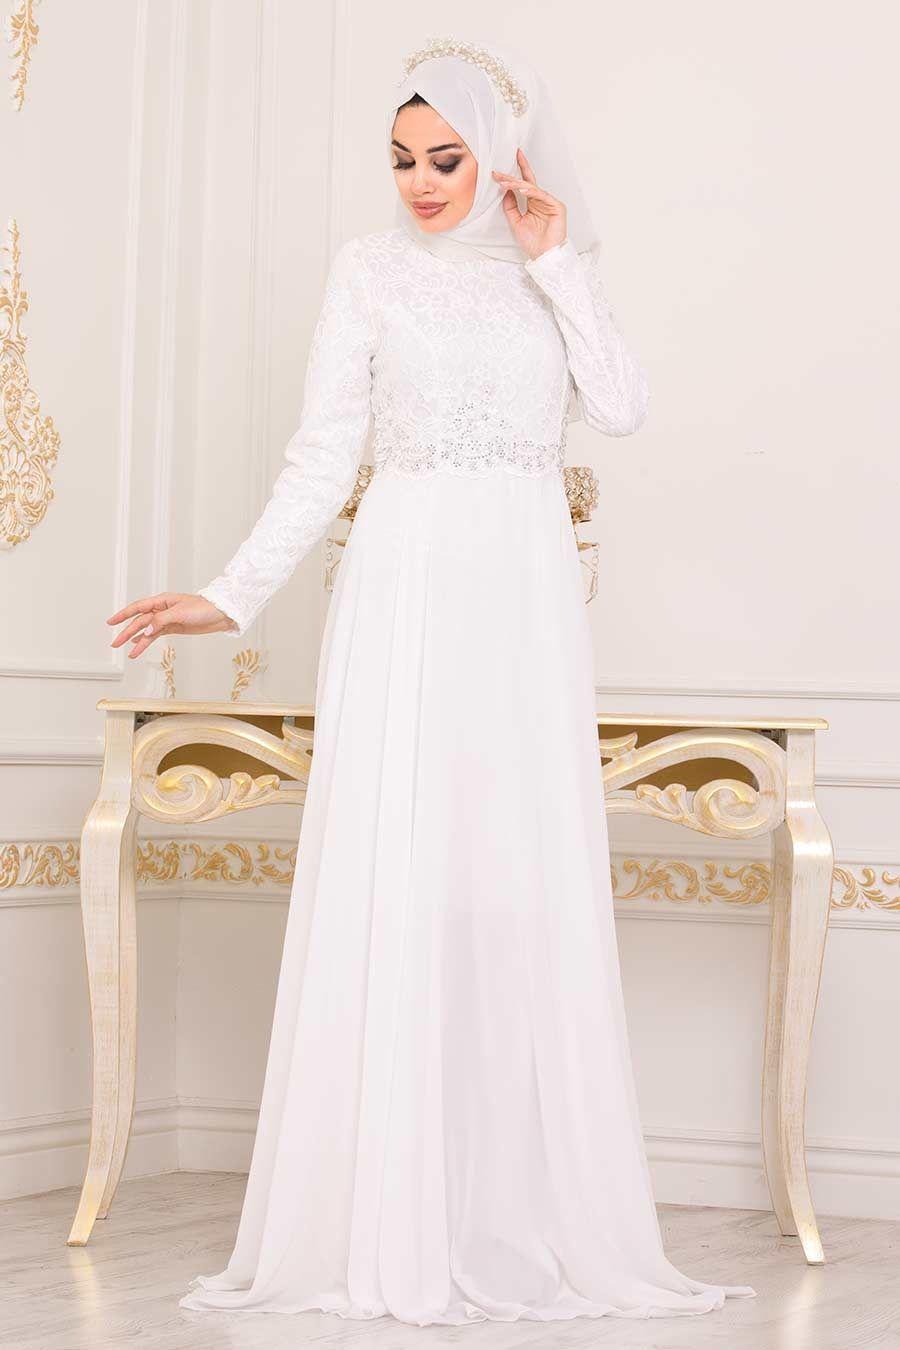 Neva Style Dantelli Beyaz Tesettur Abiye Elbise 9116b Tesetturisland Com The Dress Aksamustu Giysileri Elbise